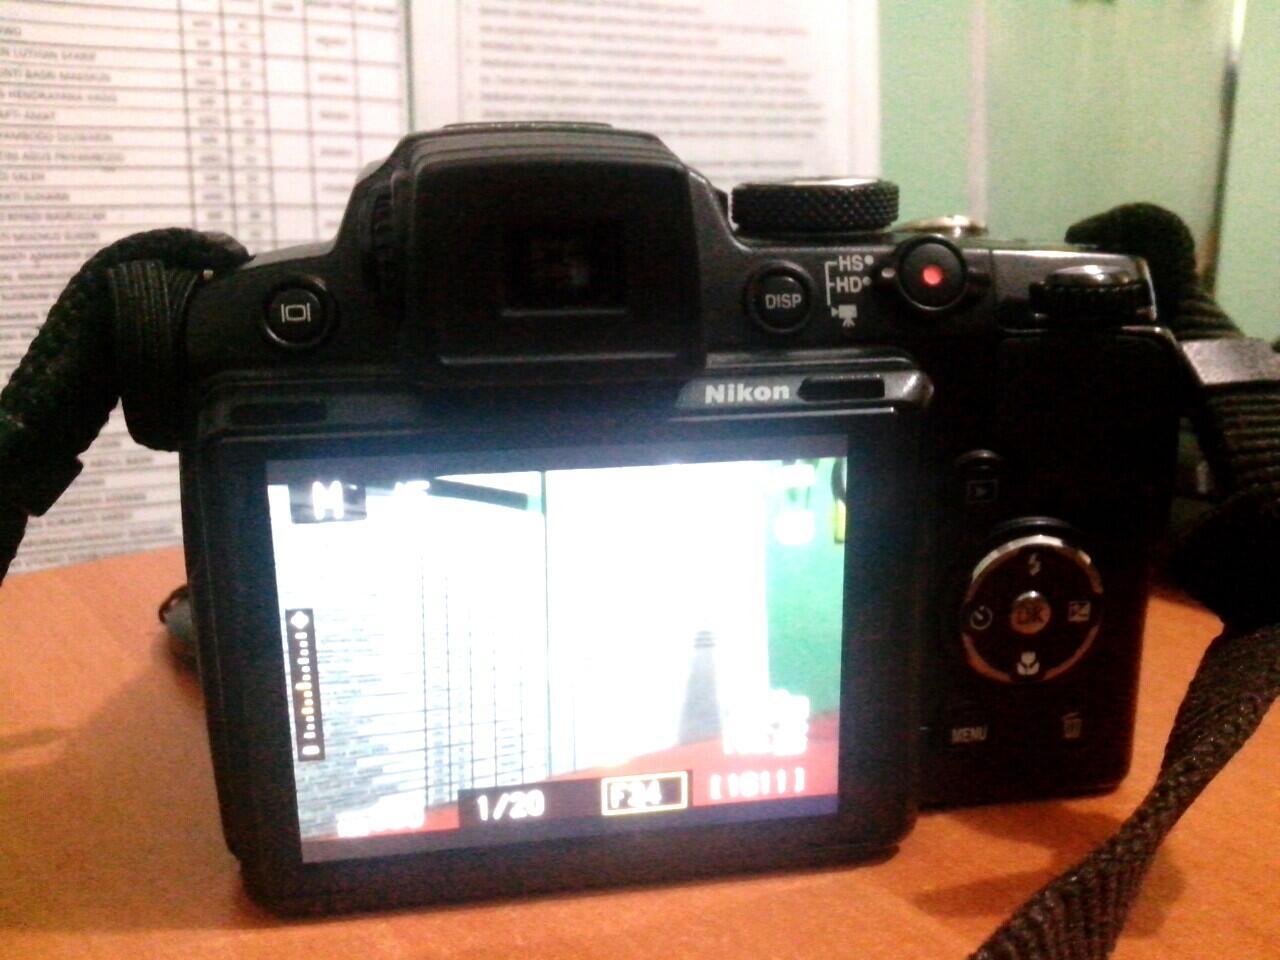 Semipro prosumer Nikon P500 superzoom